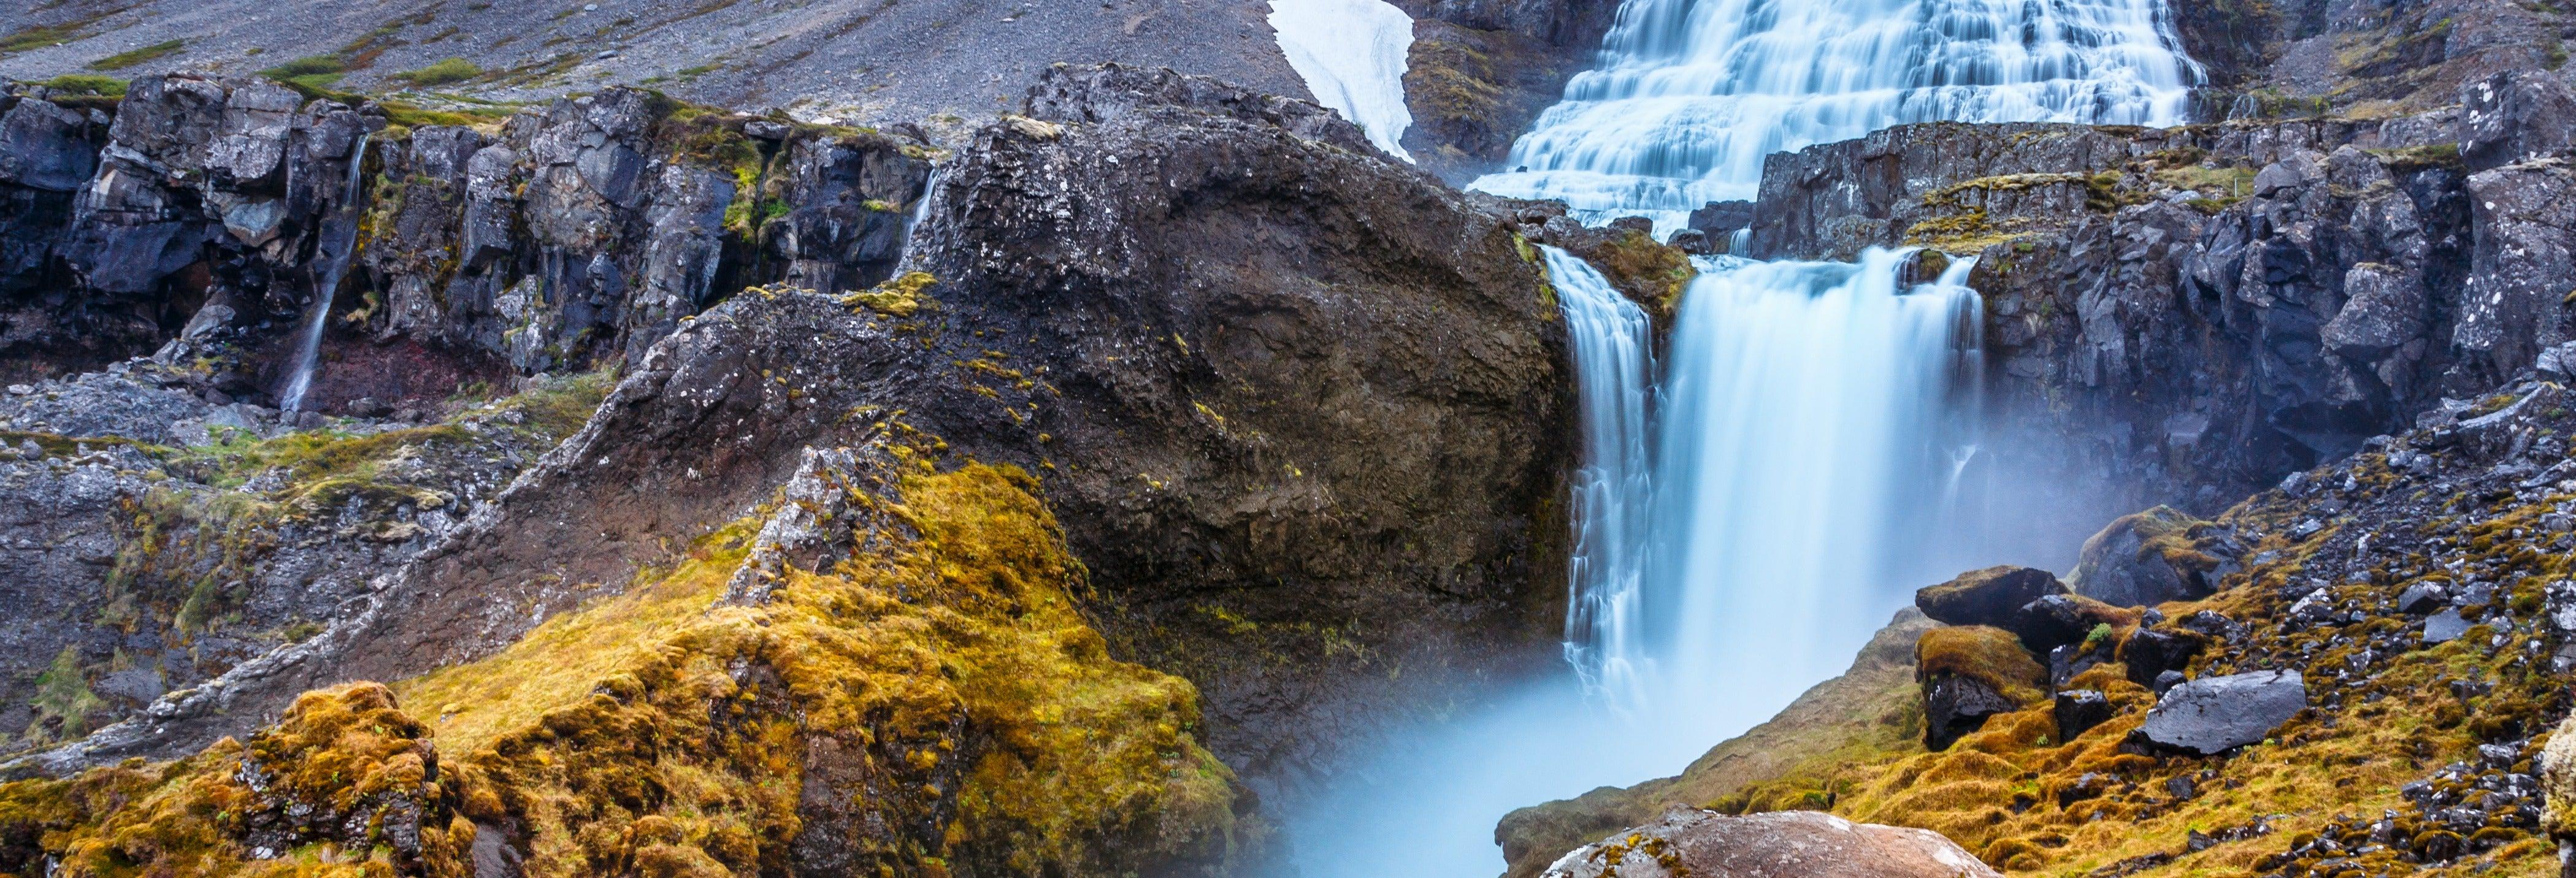 Excursión a Dynjandi, Arnarfjördur y Bíldudalur